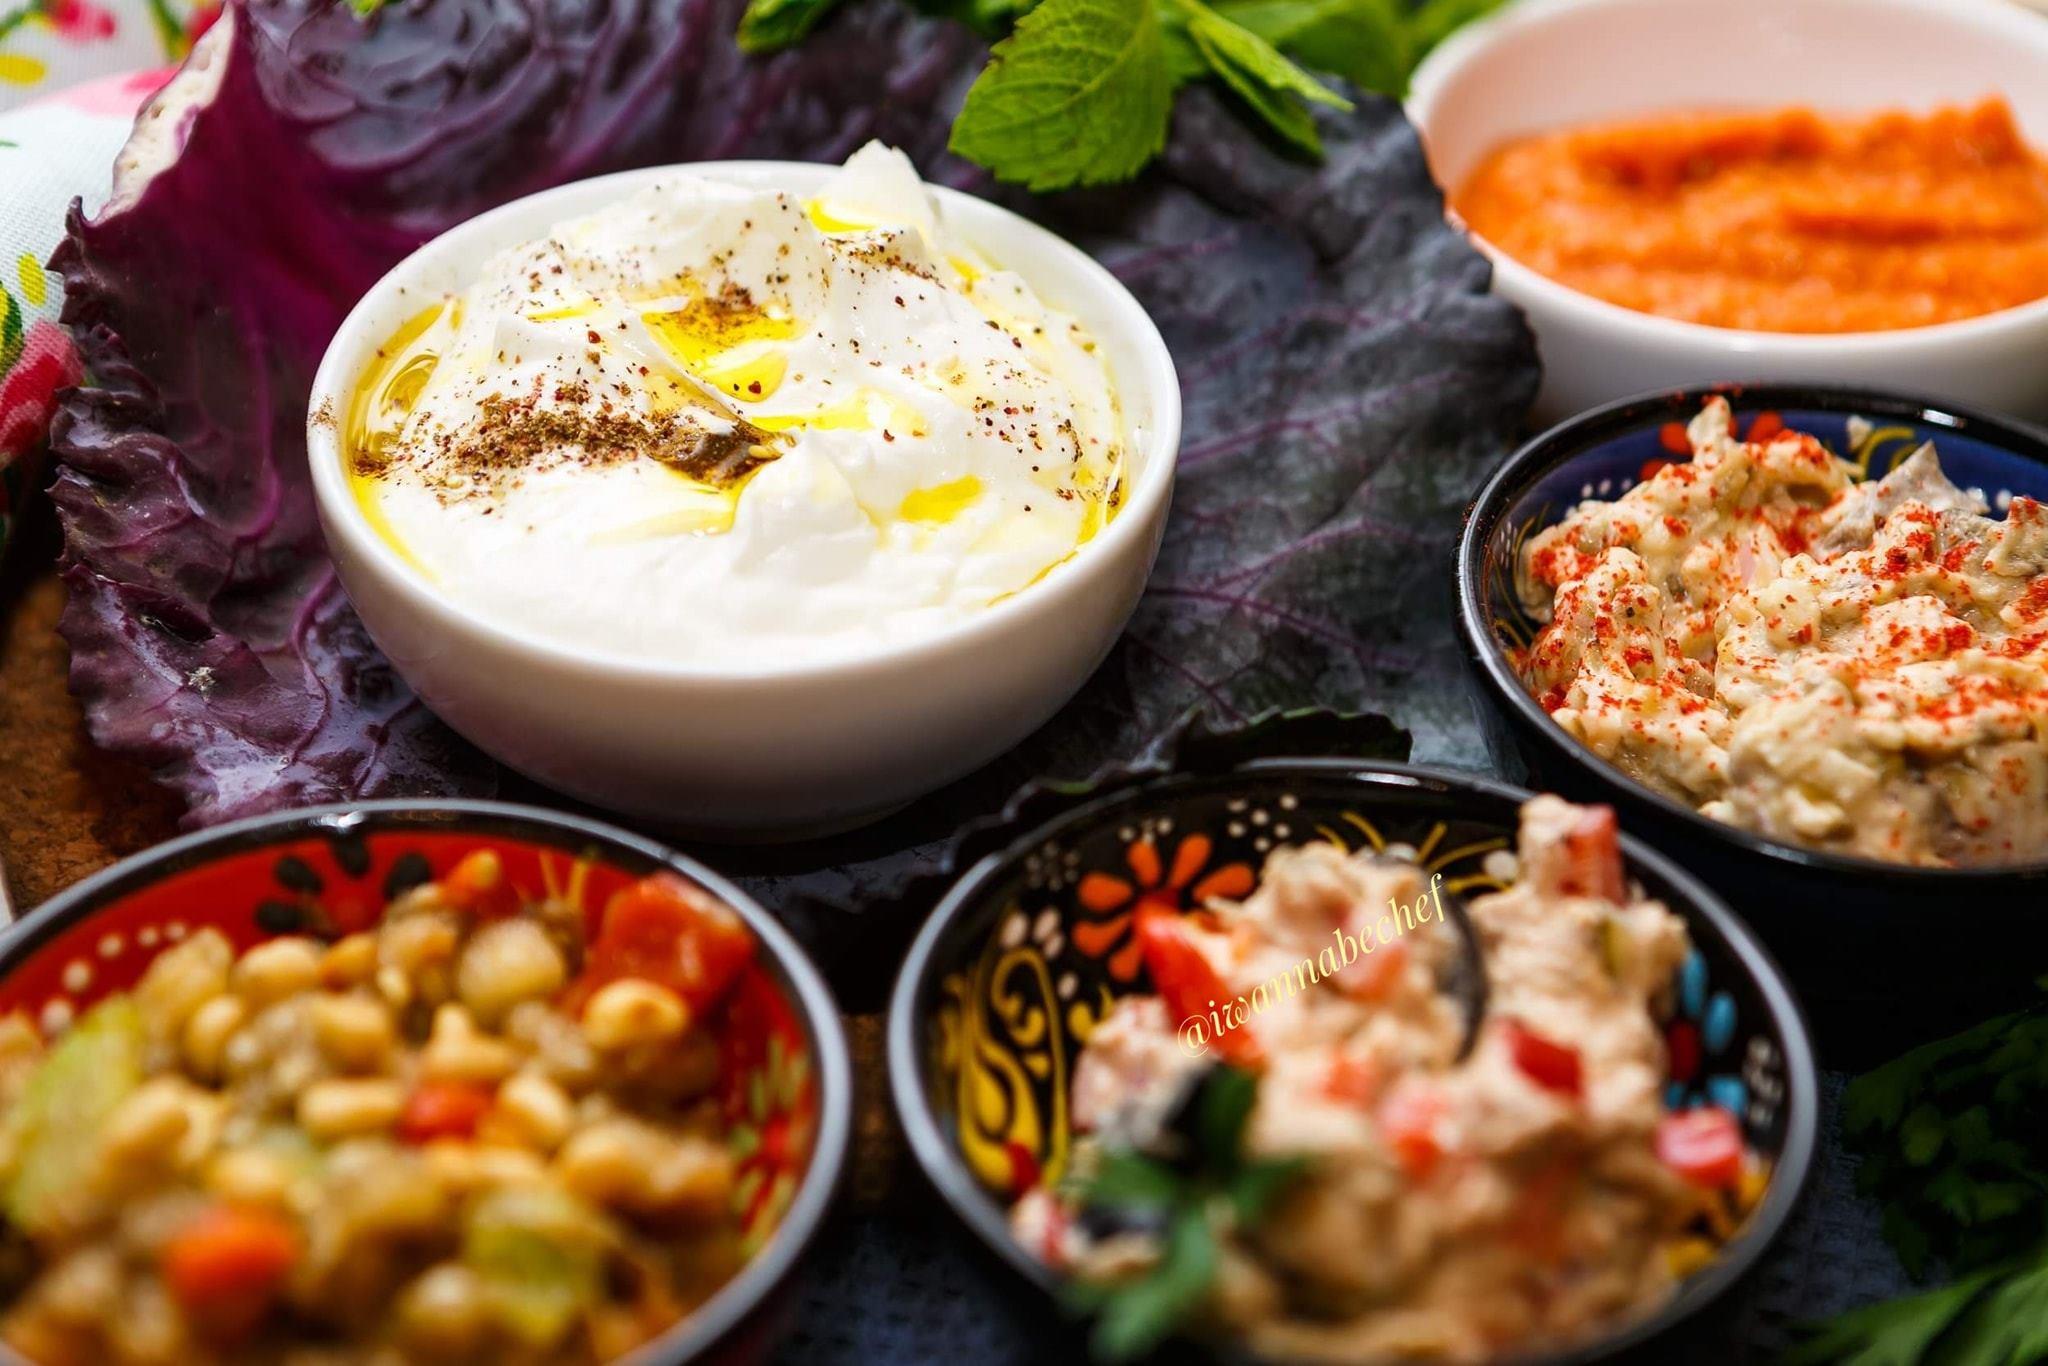 Лабене с оливковым маслом и заатар